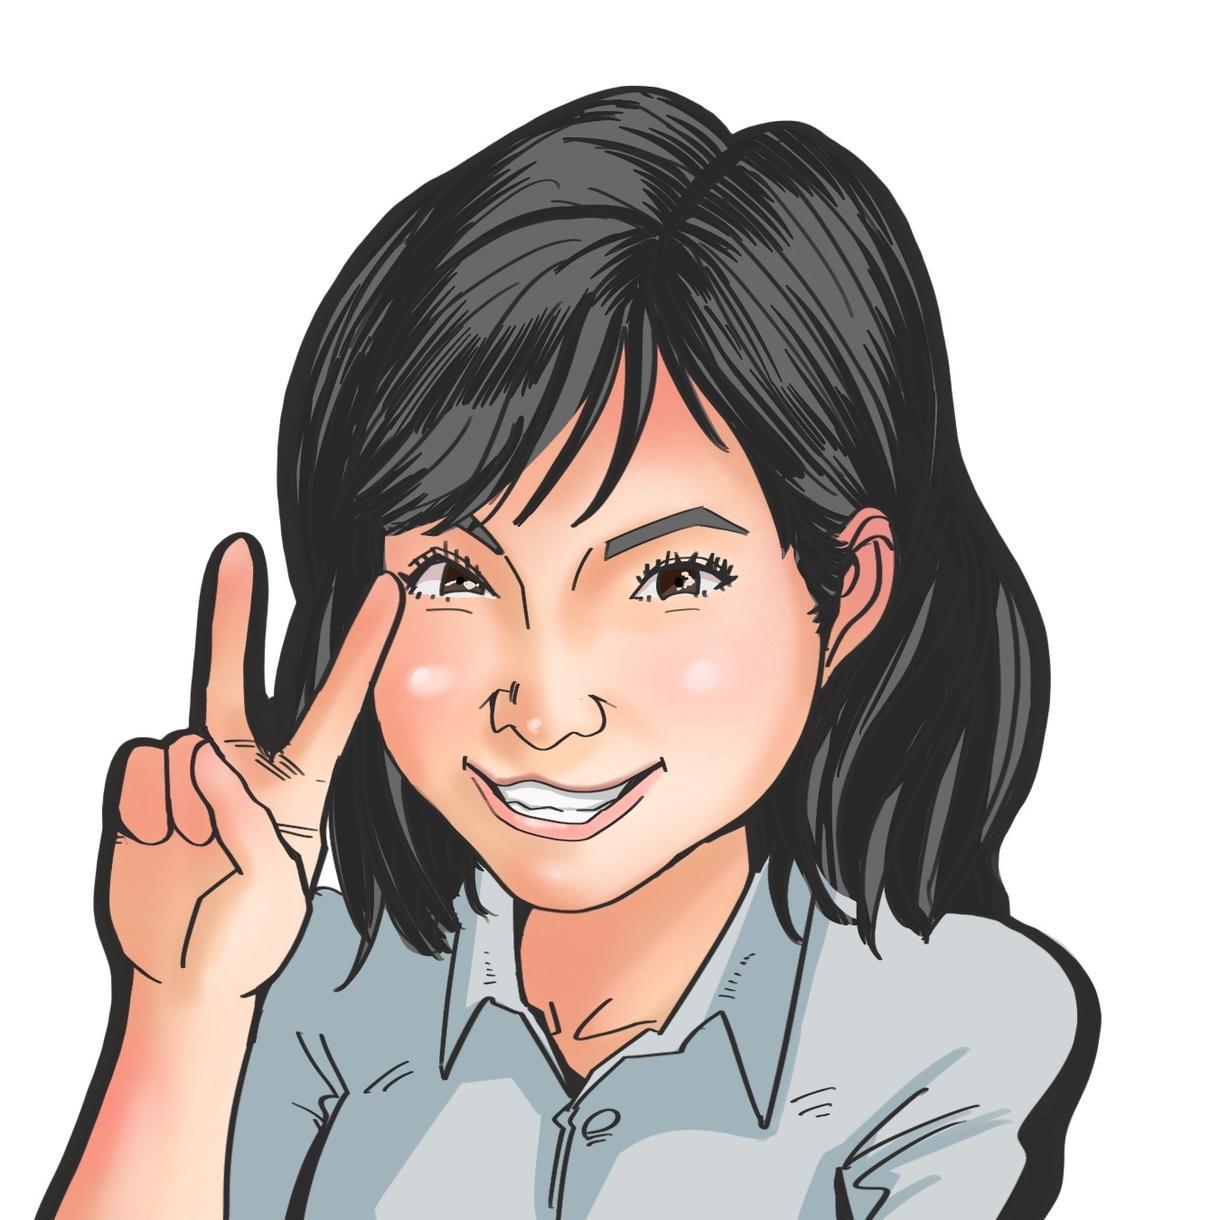 貰ったら嬉しい!暖かみのある本格似顔絵描きます 漫画家のアシスタントで培った技術でお客様の要望に答えます!